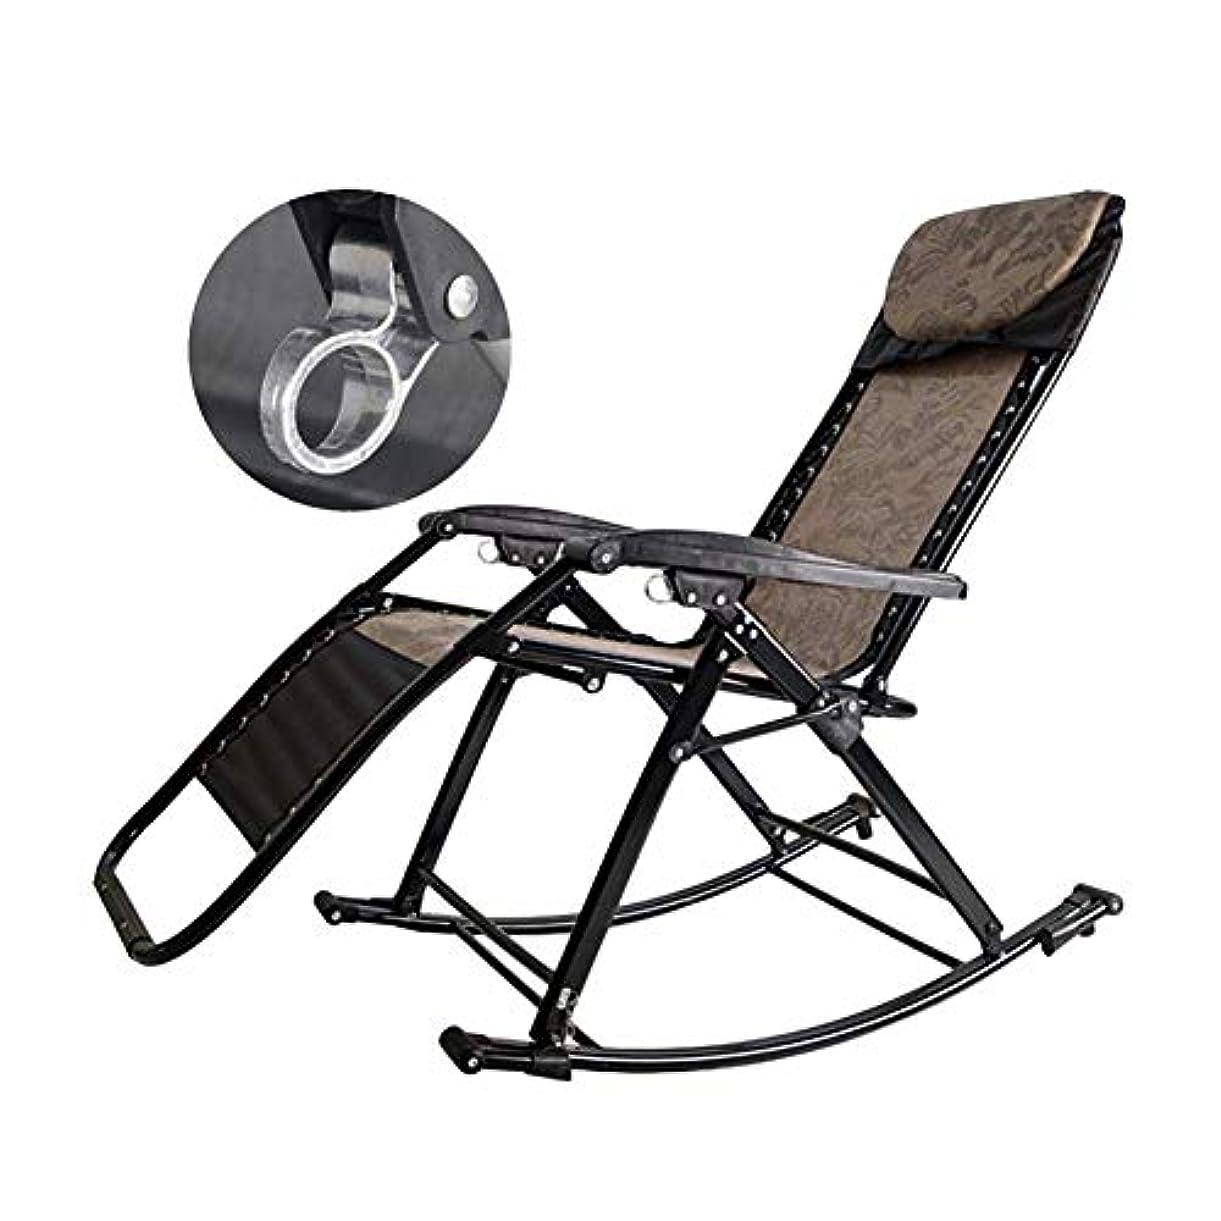 一過性幹悲観主義者リクライニングチェアパティオ芝生ガーデンロッキングチェア折りたたみ式ヘビーデューティピープル - 調節可能なサンラウンジャーロッカー無重力座席、サポート150kg(カラー:ブラウン),B